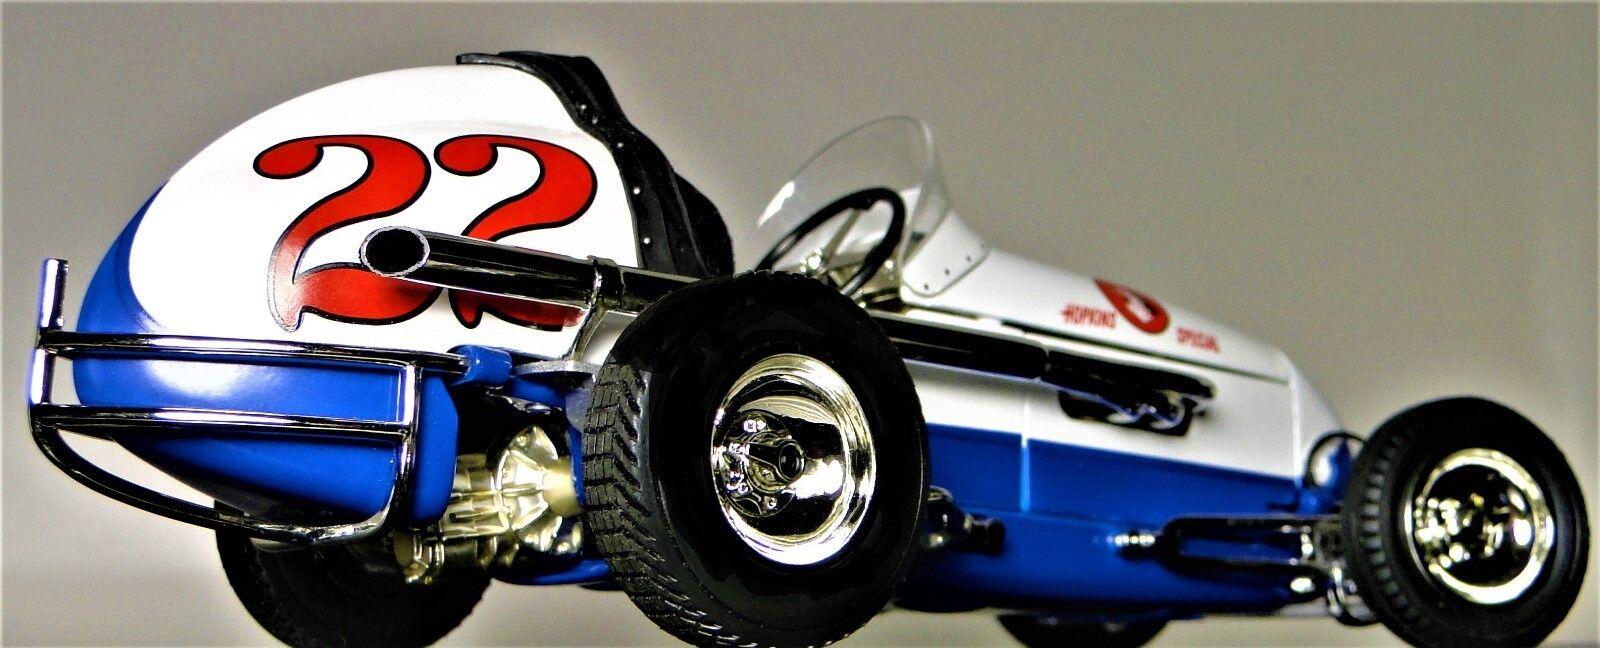 precios bajos 1 Racer 1960s Vintage Race Coche Sport Sport Sport Grand Prix F Indy 500 Sprint enano suciedad Metal Azul  deportes calientes